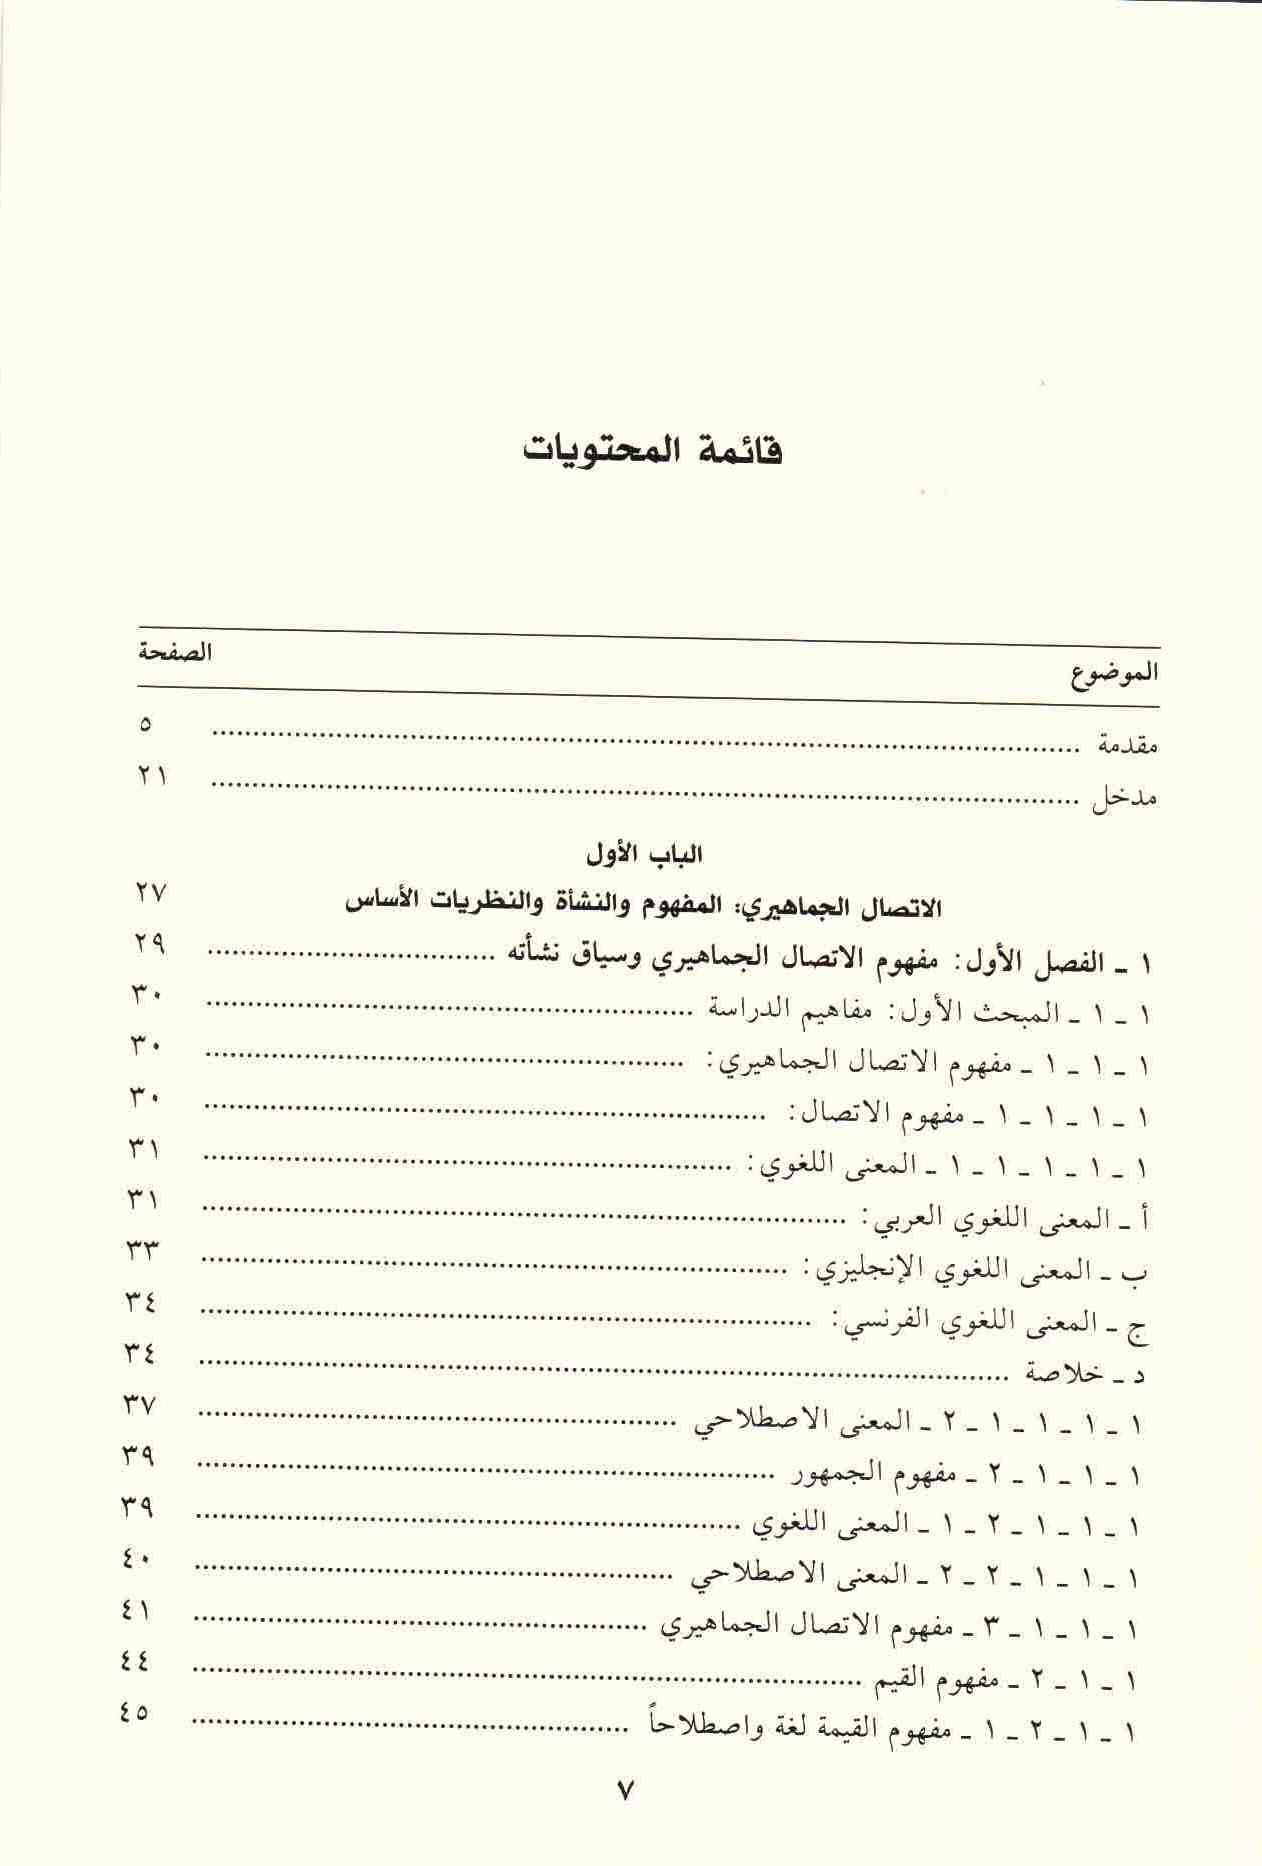 ص 7 محتويات كتاب الاتصال الجماهيري وسؤال القيم